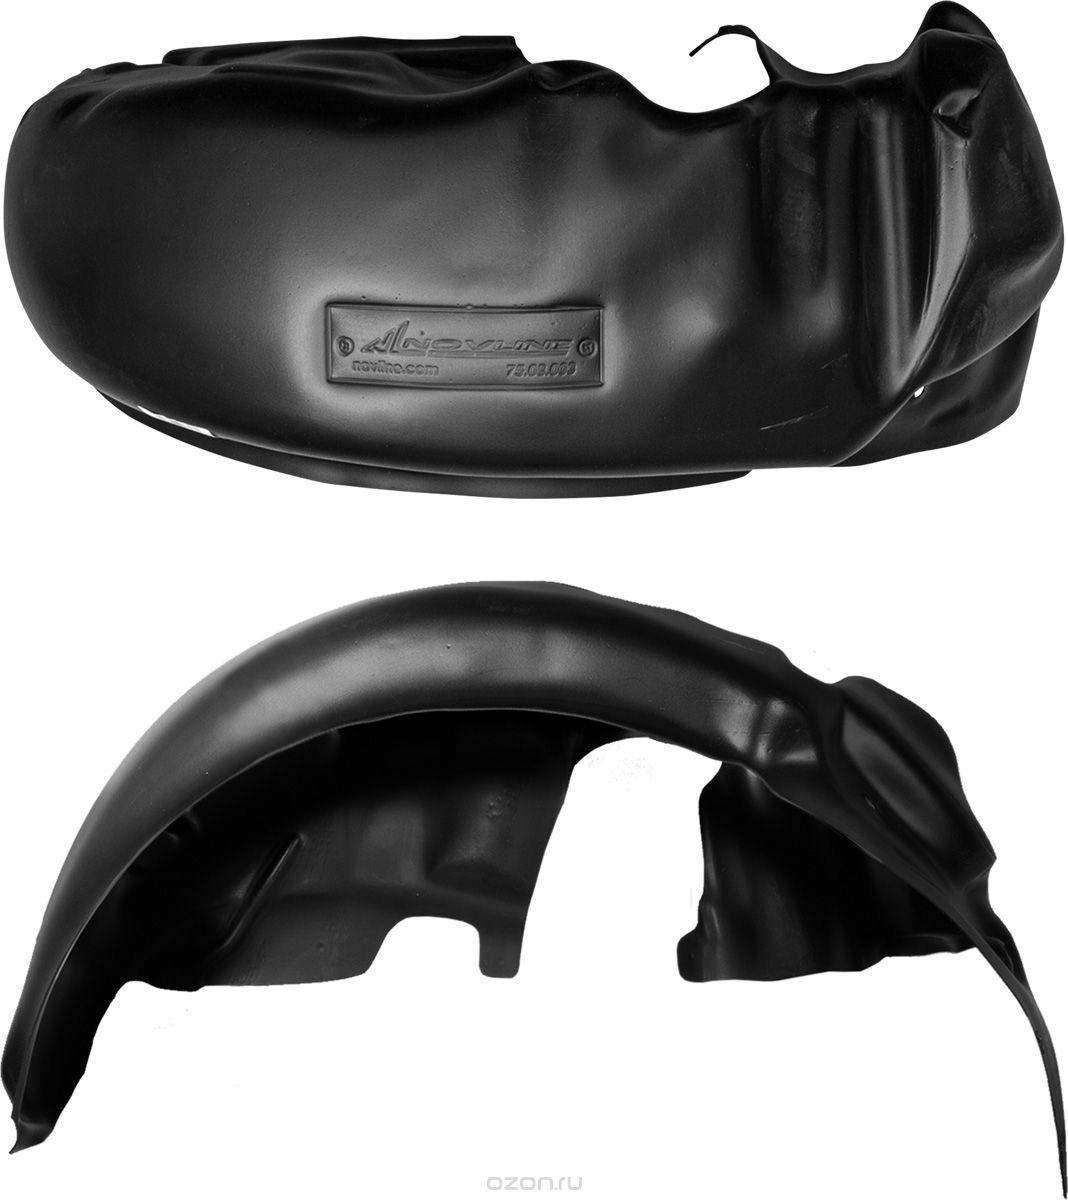 Подкрылок Novline-Autofamily, для TOYOTA Auris , 2012->, передний правый000414Идеальная защита колесной ниши. Локеры разработаны с применением цифровых технологий, гарантируют максимальную повторяемость поверхности арки. Изделия устанавливаются без нарушения лакокрасочного покрытия автомобиля, каждый подкрылок комплектуется крепежом. Уважаемые клиенты, обращаем ваше внимание, что фотографии на подкрылки универсальные и не отражают реальную форму изделия. При этом само изделие идет точно под размер указанного автомобиля.